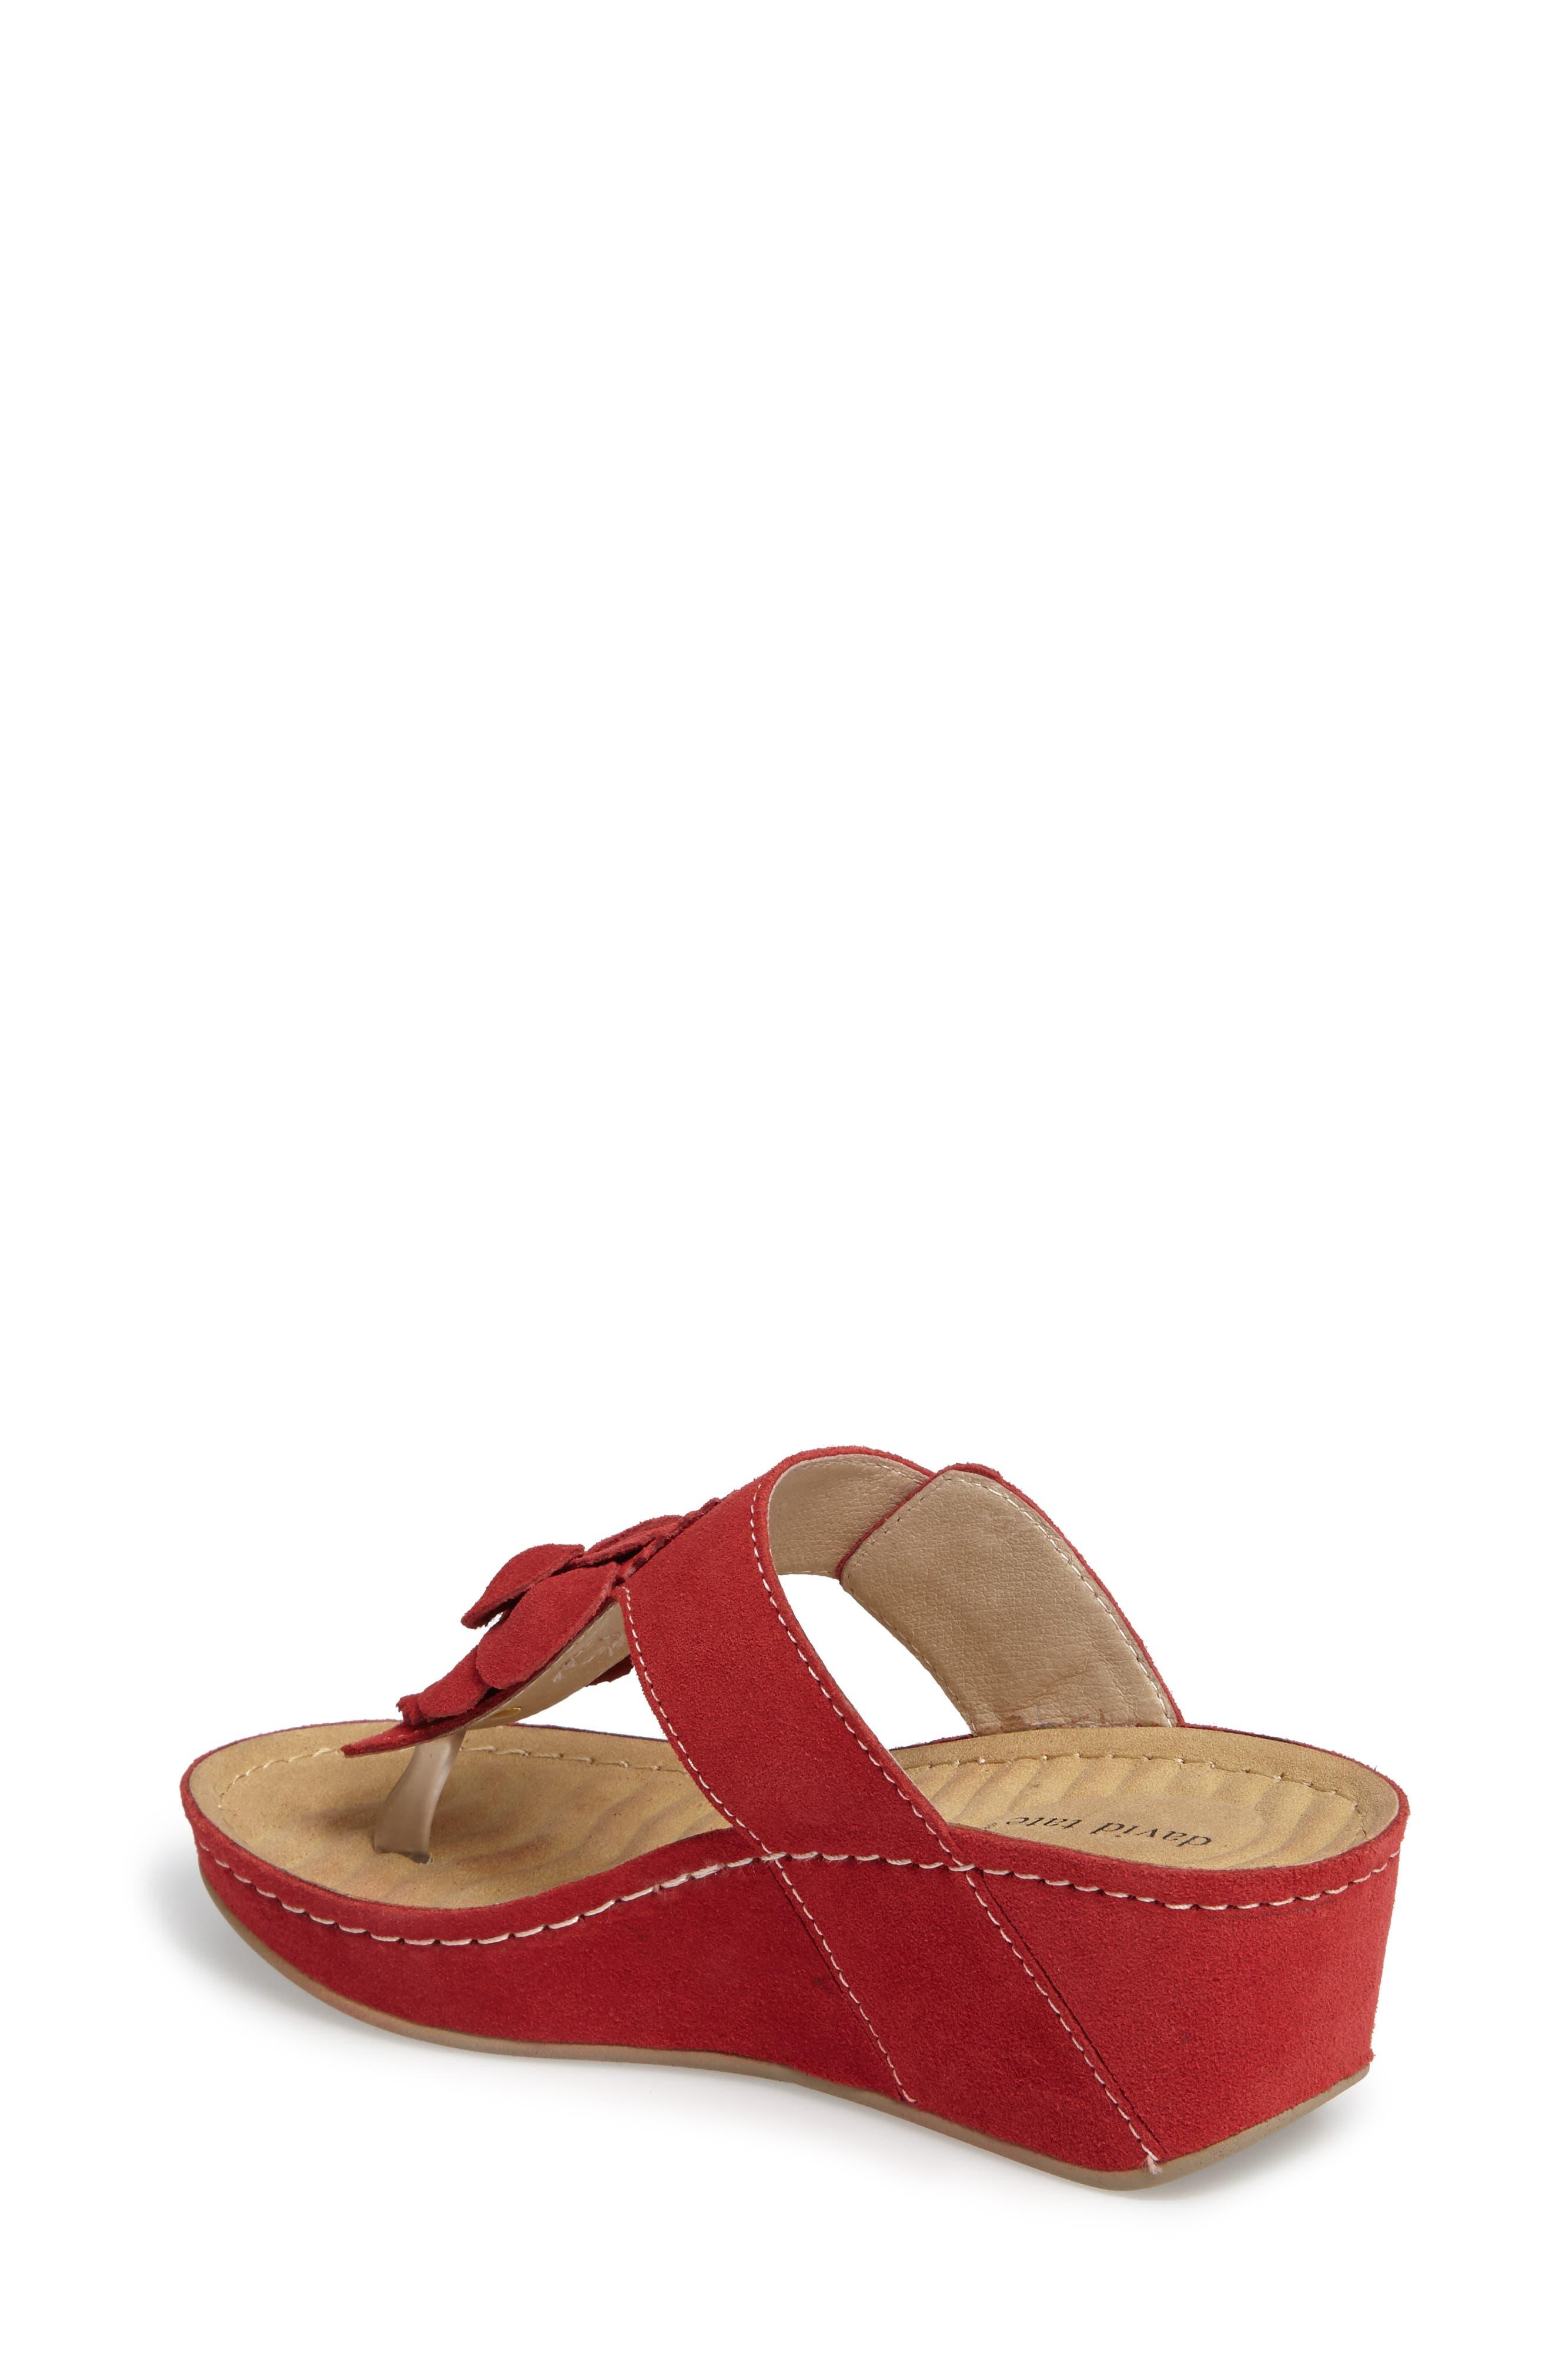 Spring Platform Wedge Sandal,                             Alternate thumbnail 2, color,                             Red Suede